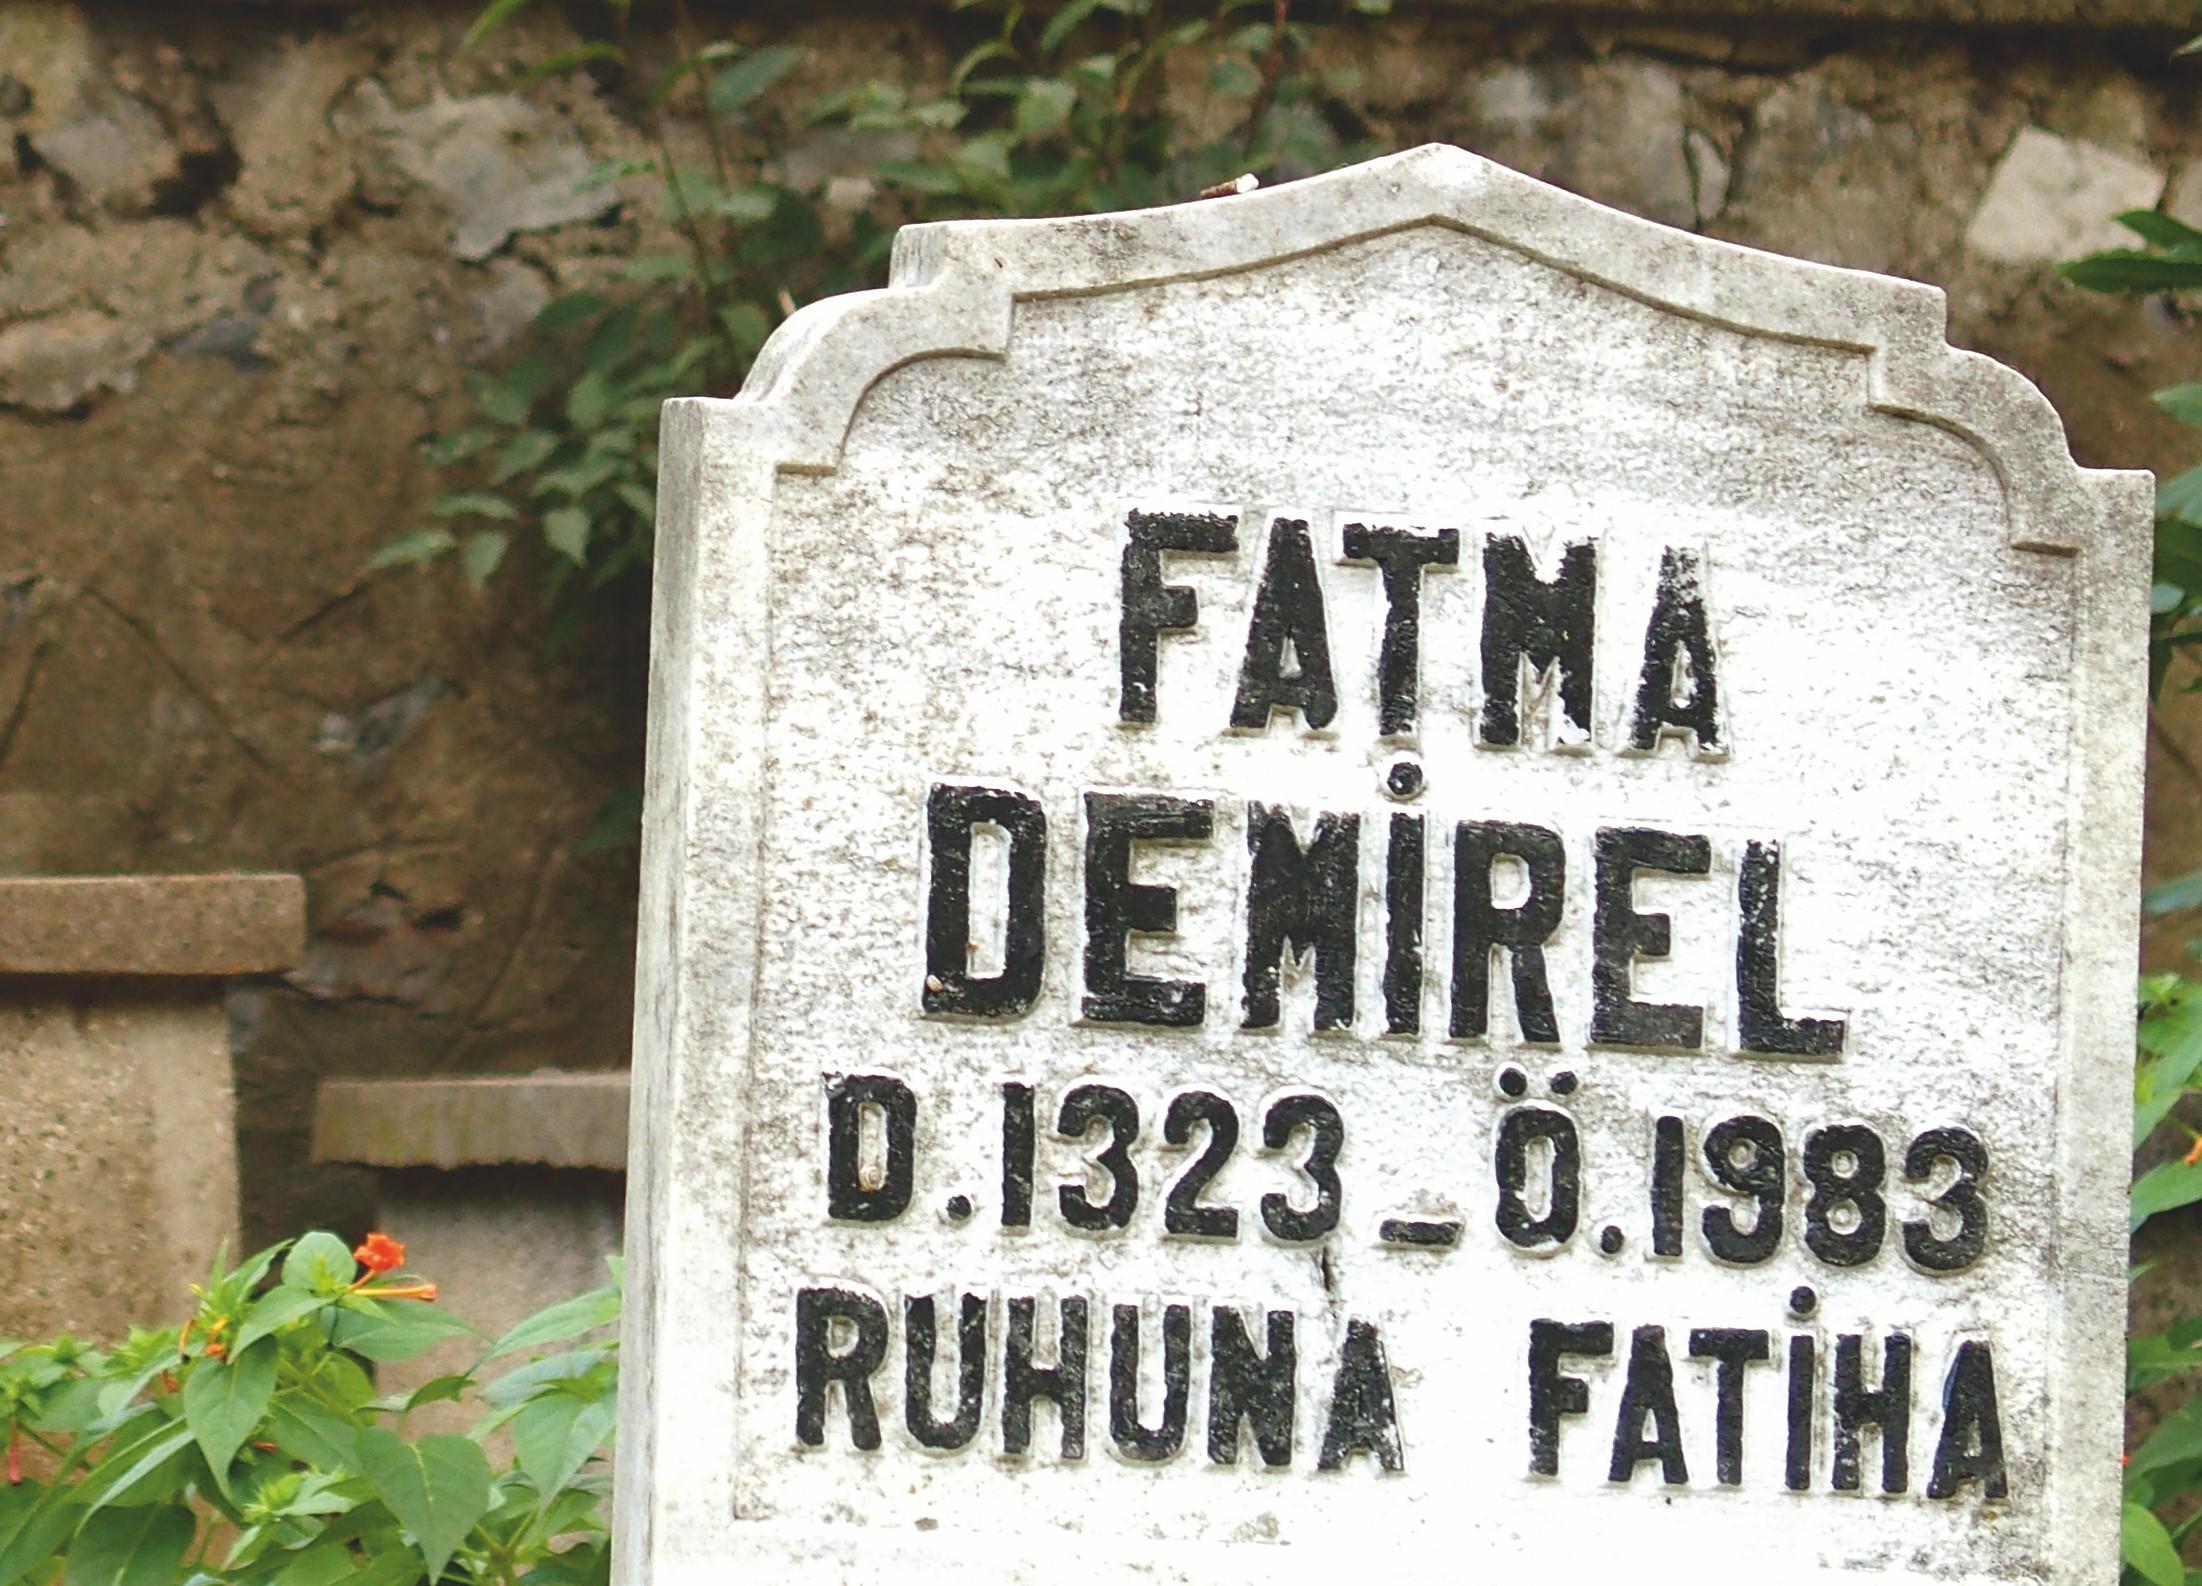 Le changement de calendrier de 1925 en Turquie. Cimetière de Karacaahmet, Istanbul